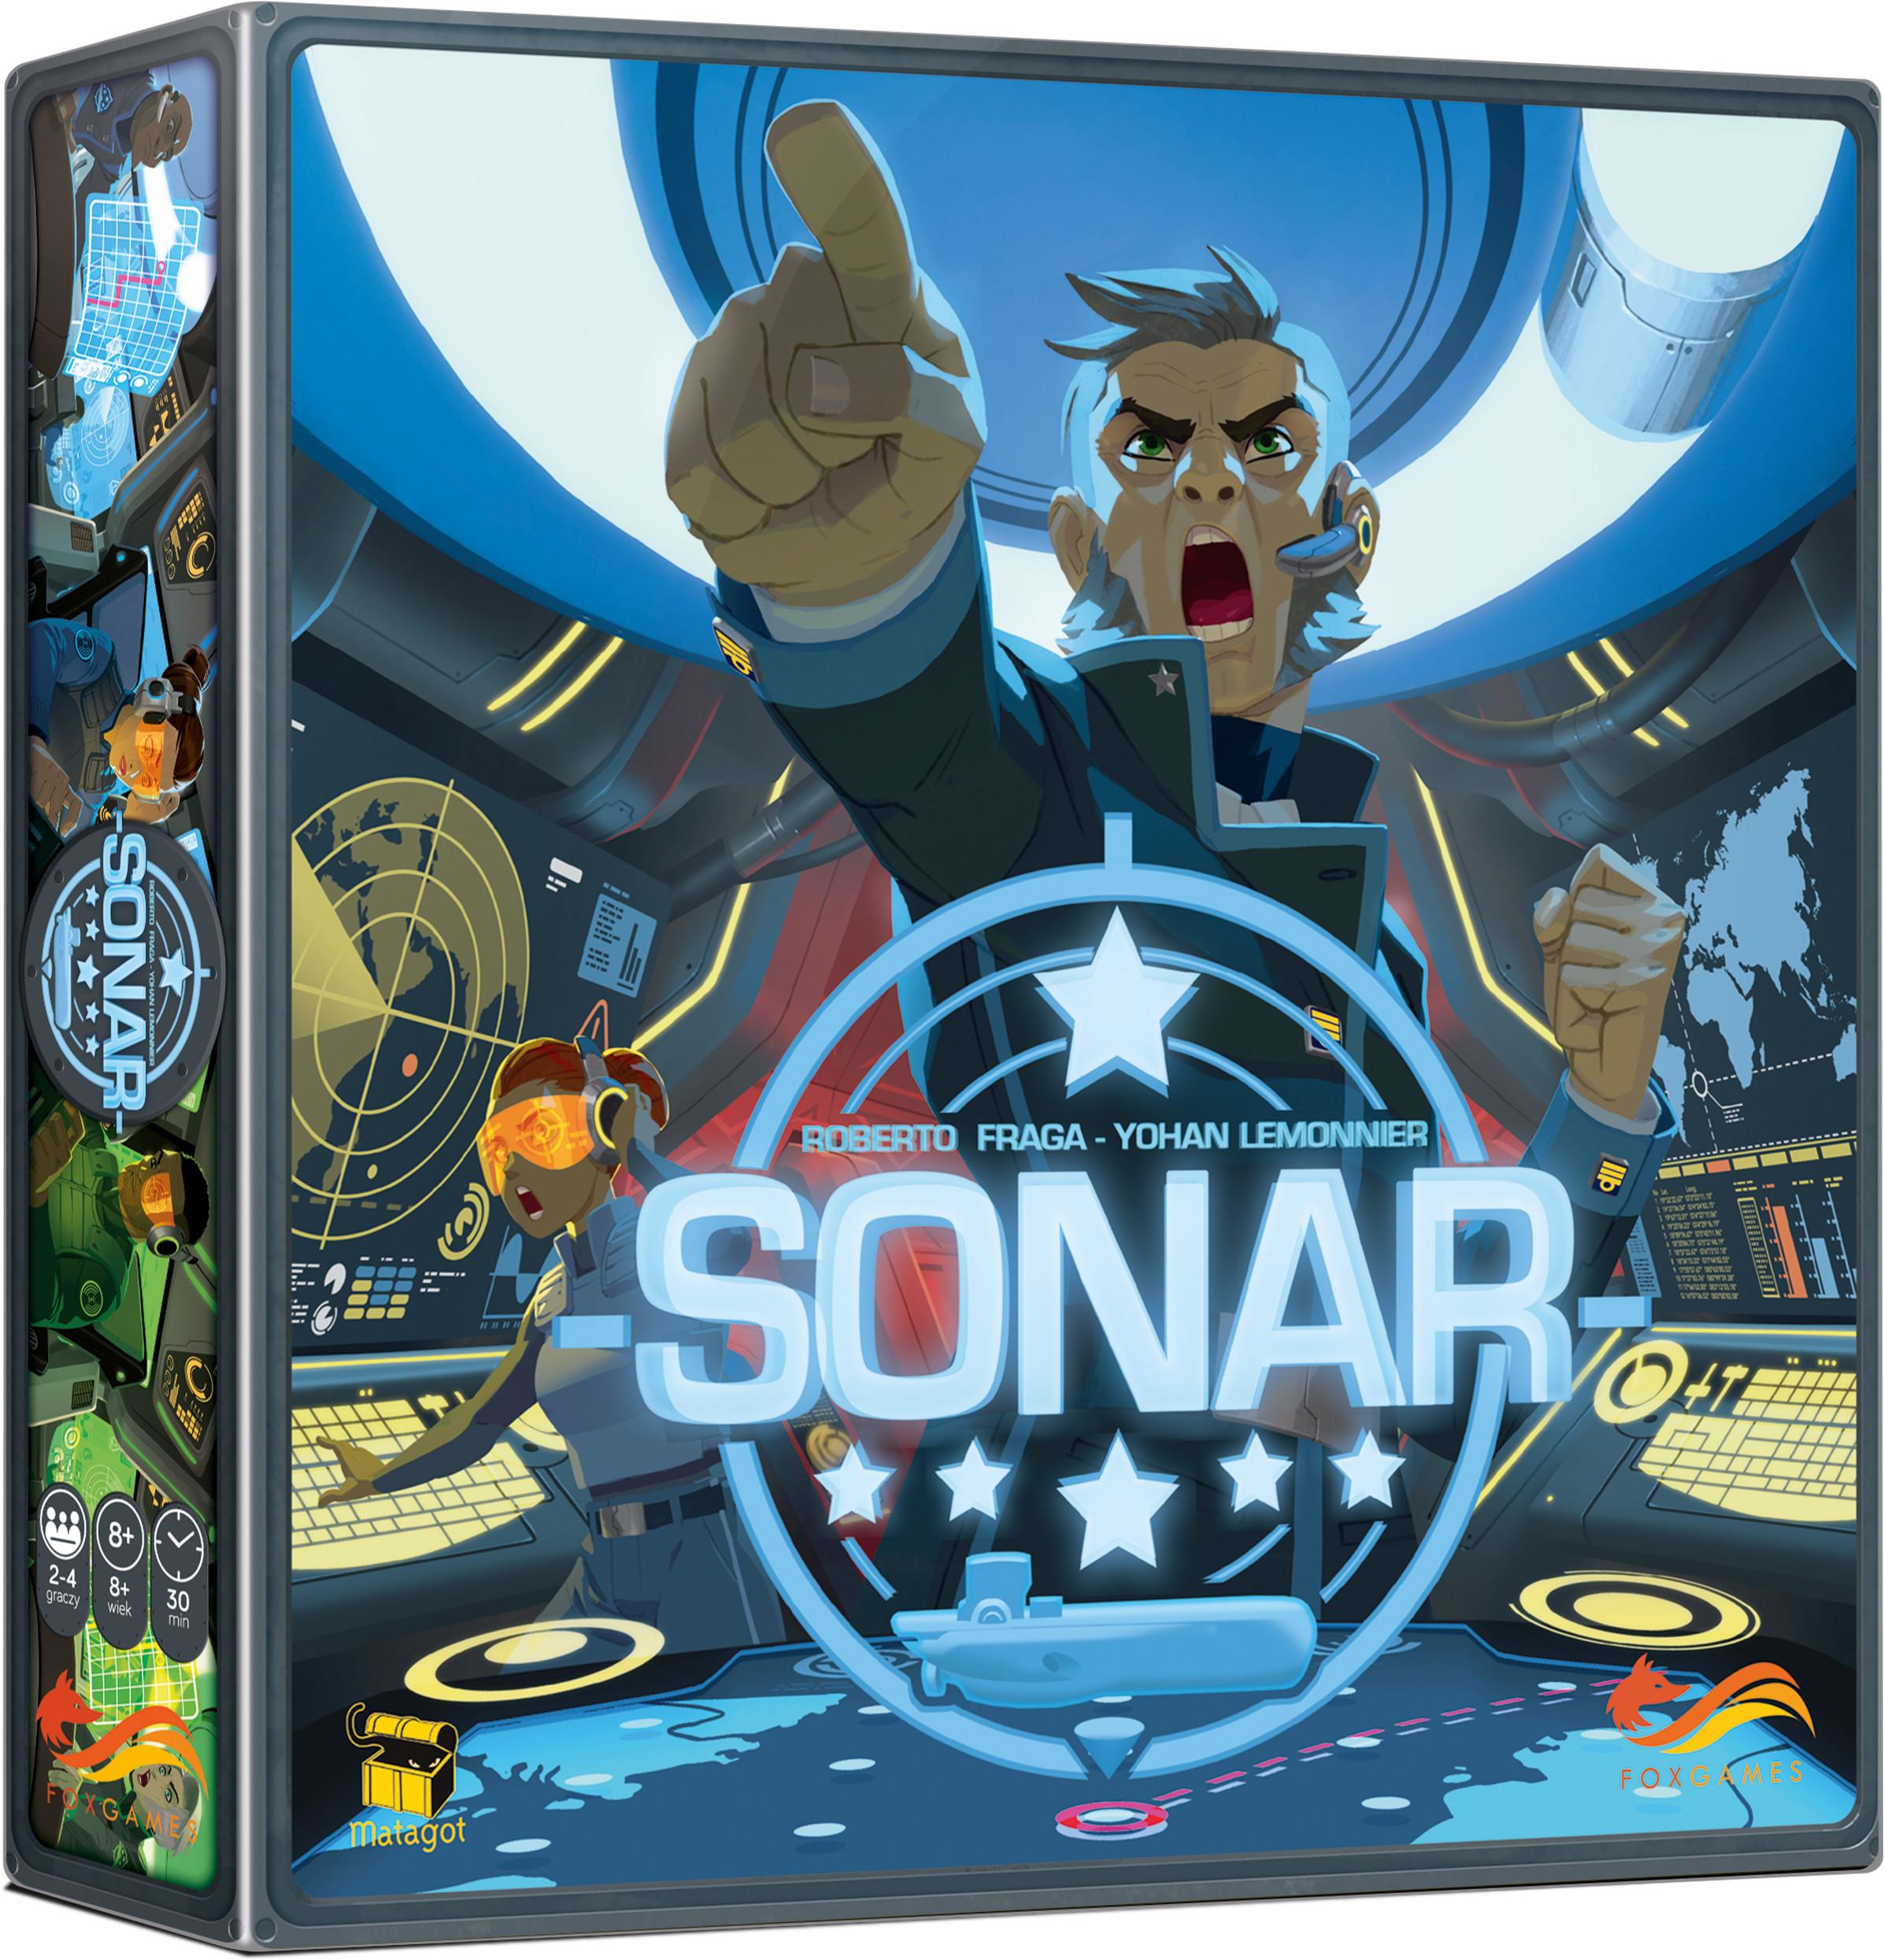 Fox Games SONAR ROBERTO FRAGA